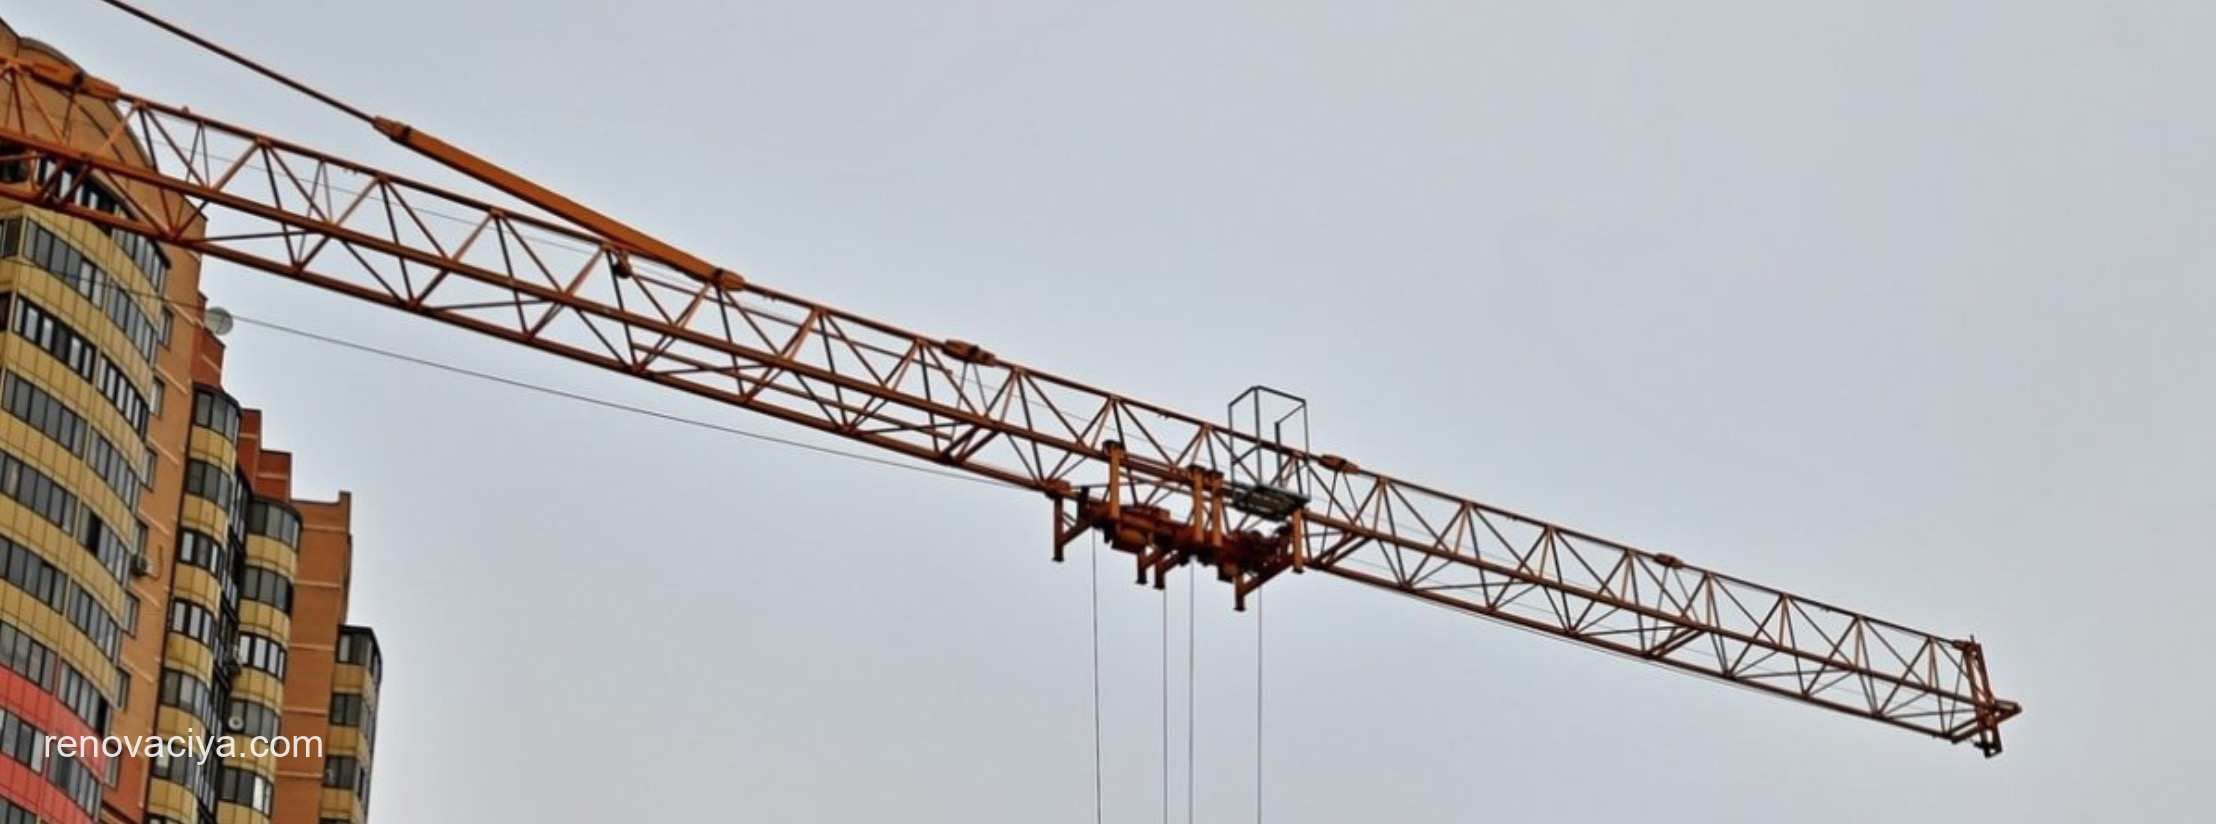 2 млн кв м жилья по программе реновации